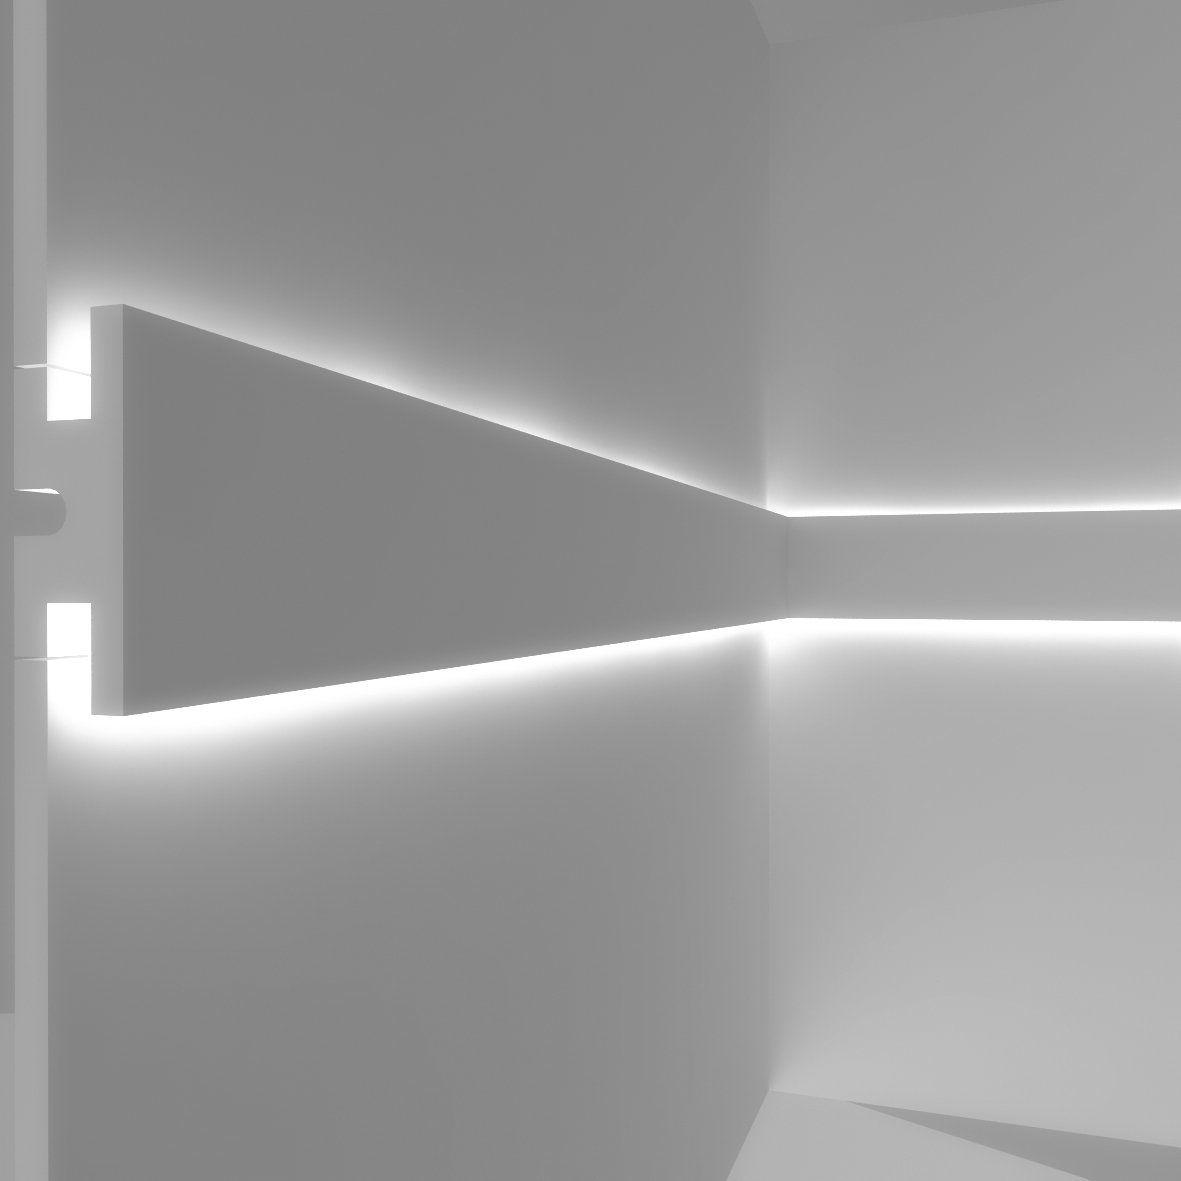 Illuminazione Led A Muro cornice per illuminazione indiretta led doppia a parete